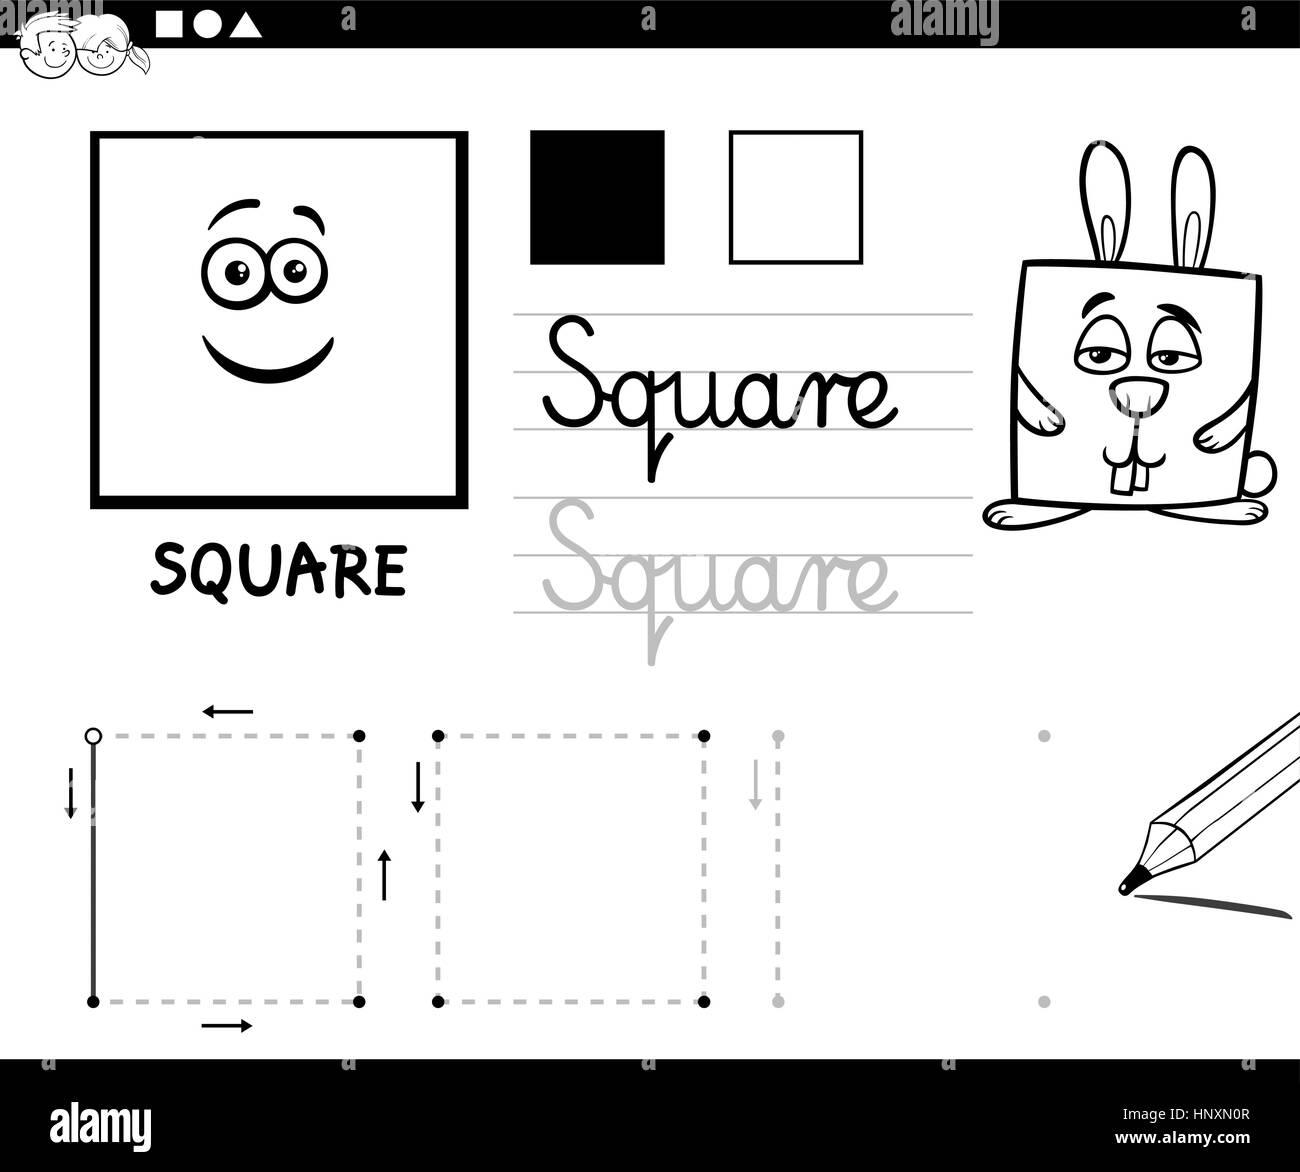 En Blanco Y Negro De Dibujos Animados Educativos Ilustración Del